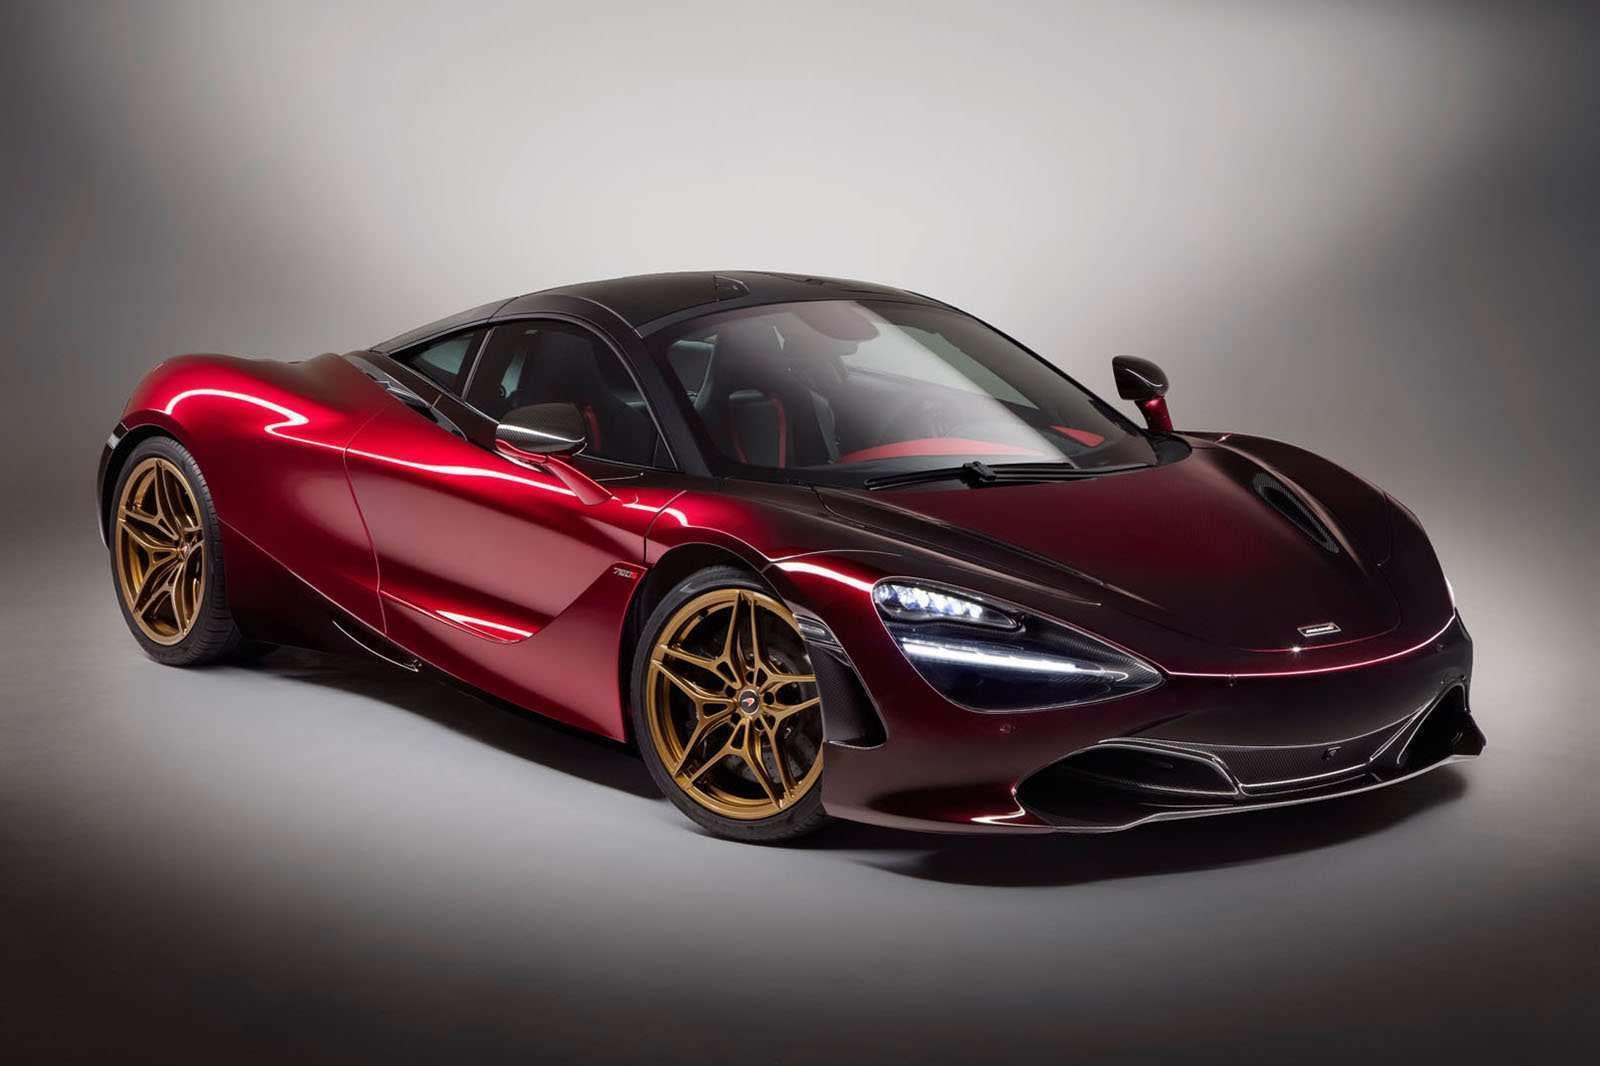 39 New 2019 Mclaren F1 Model with 2019 Mclaren F1